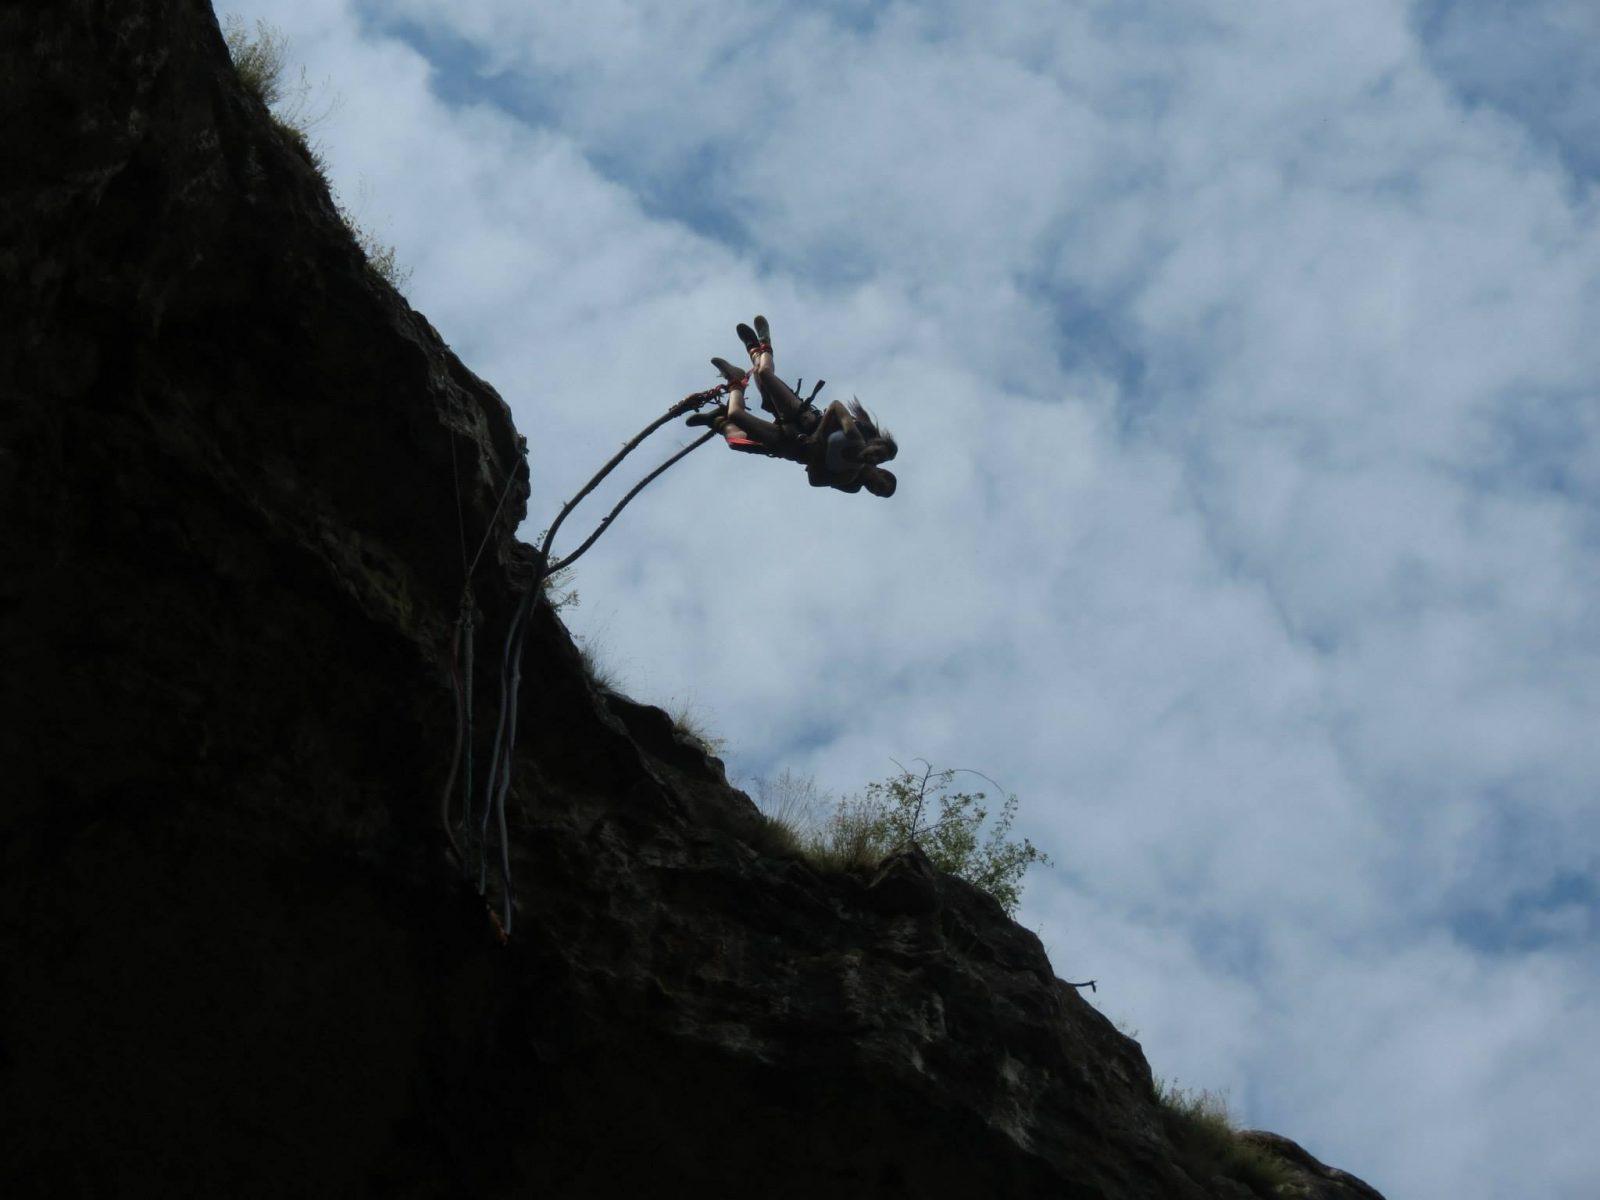 08-ми юли: Бънджи скокове на Проходна пещера